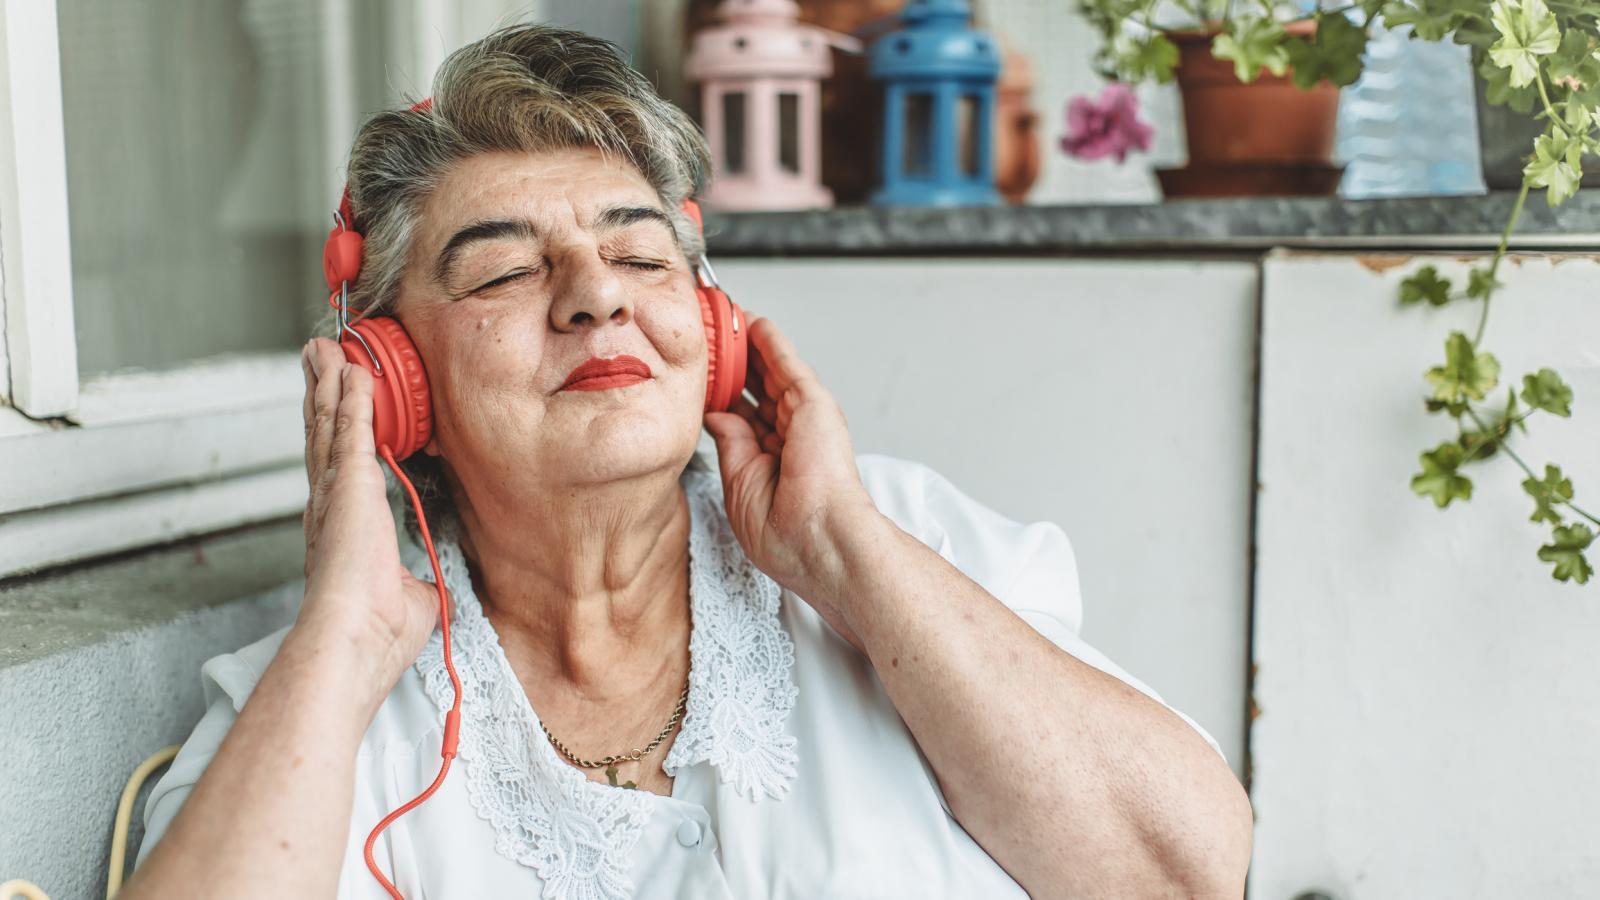 Ranija istraživanja pokazala su kako gubitak sluha povezan sa starenjem može biti faktor rizika za demenciju. Stoga, nije na odmet s vremena na vrijeme provjeriti sluh.